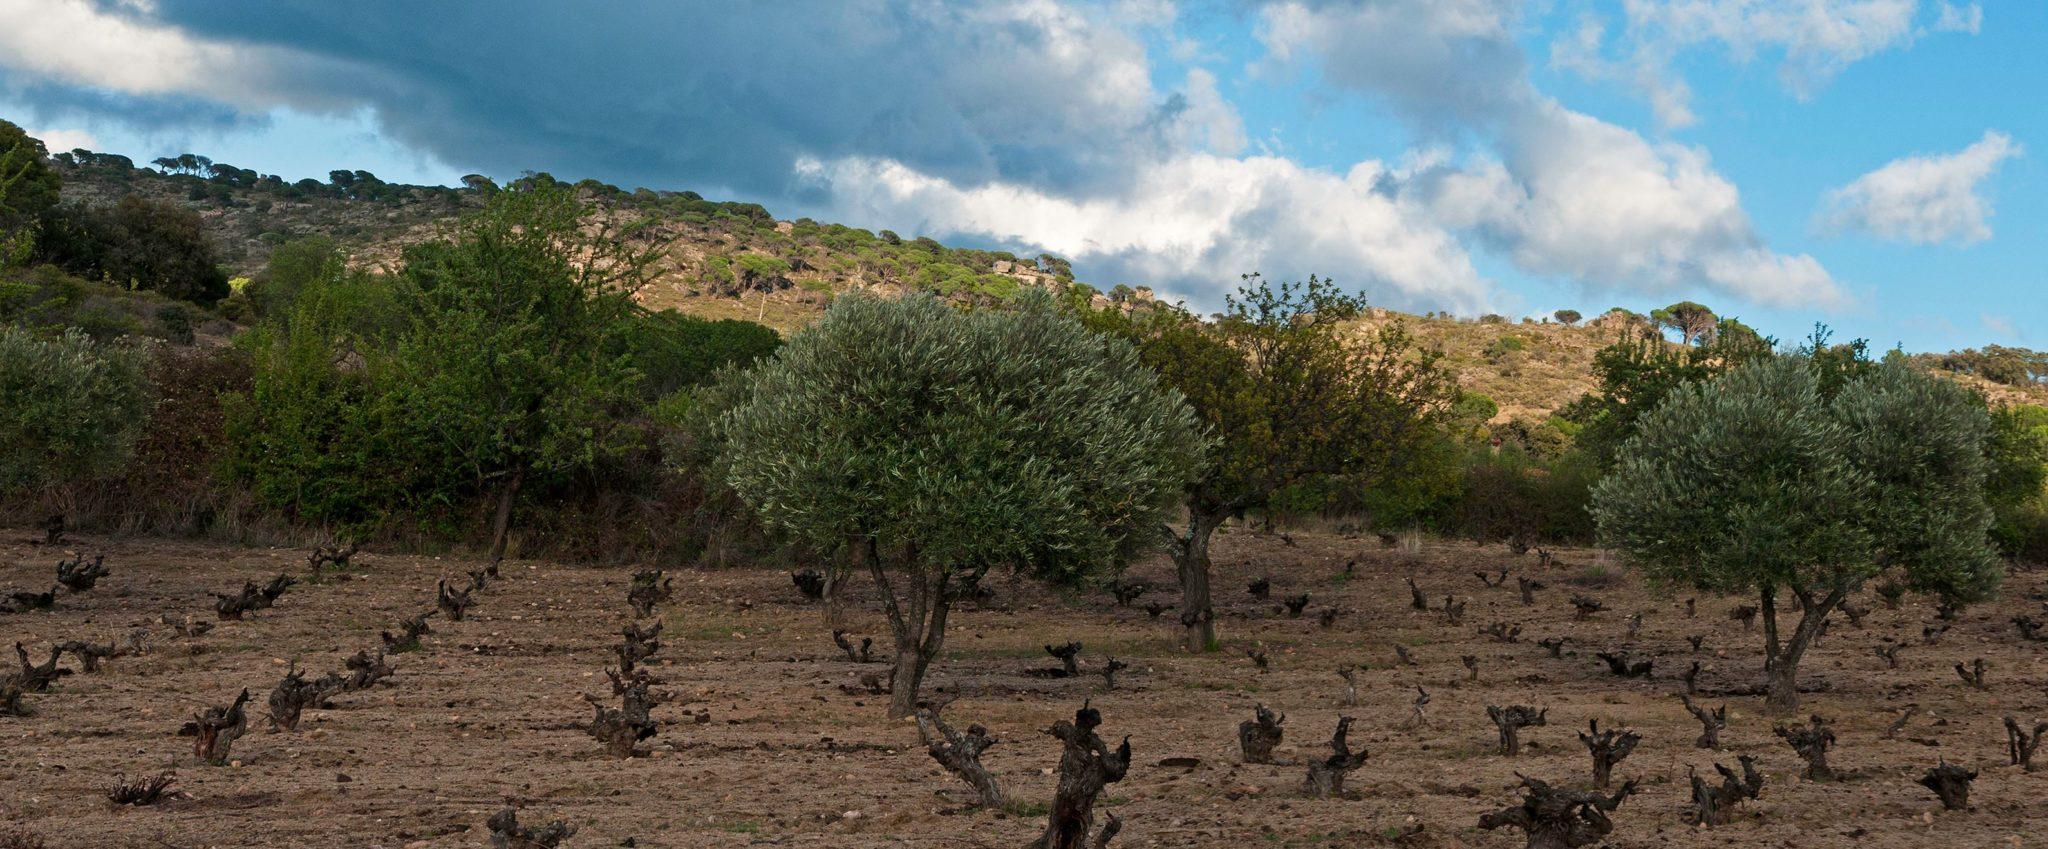 comprar-vino-4-monos-viticultores-doowine